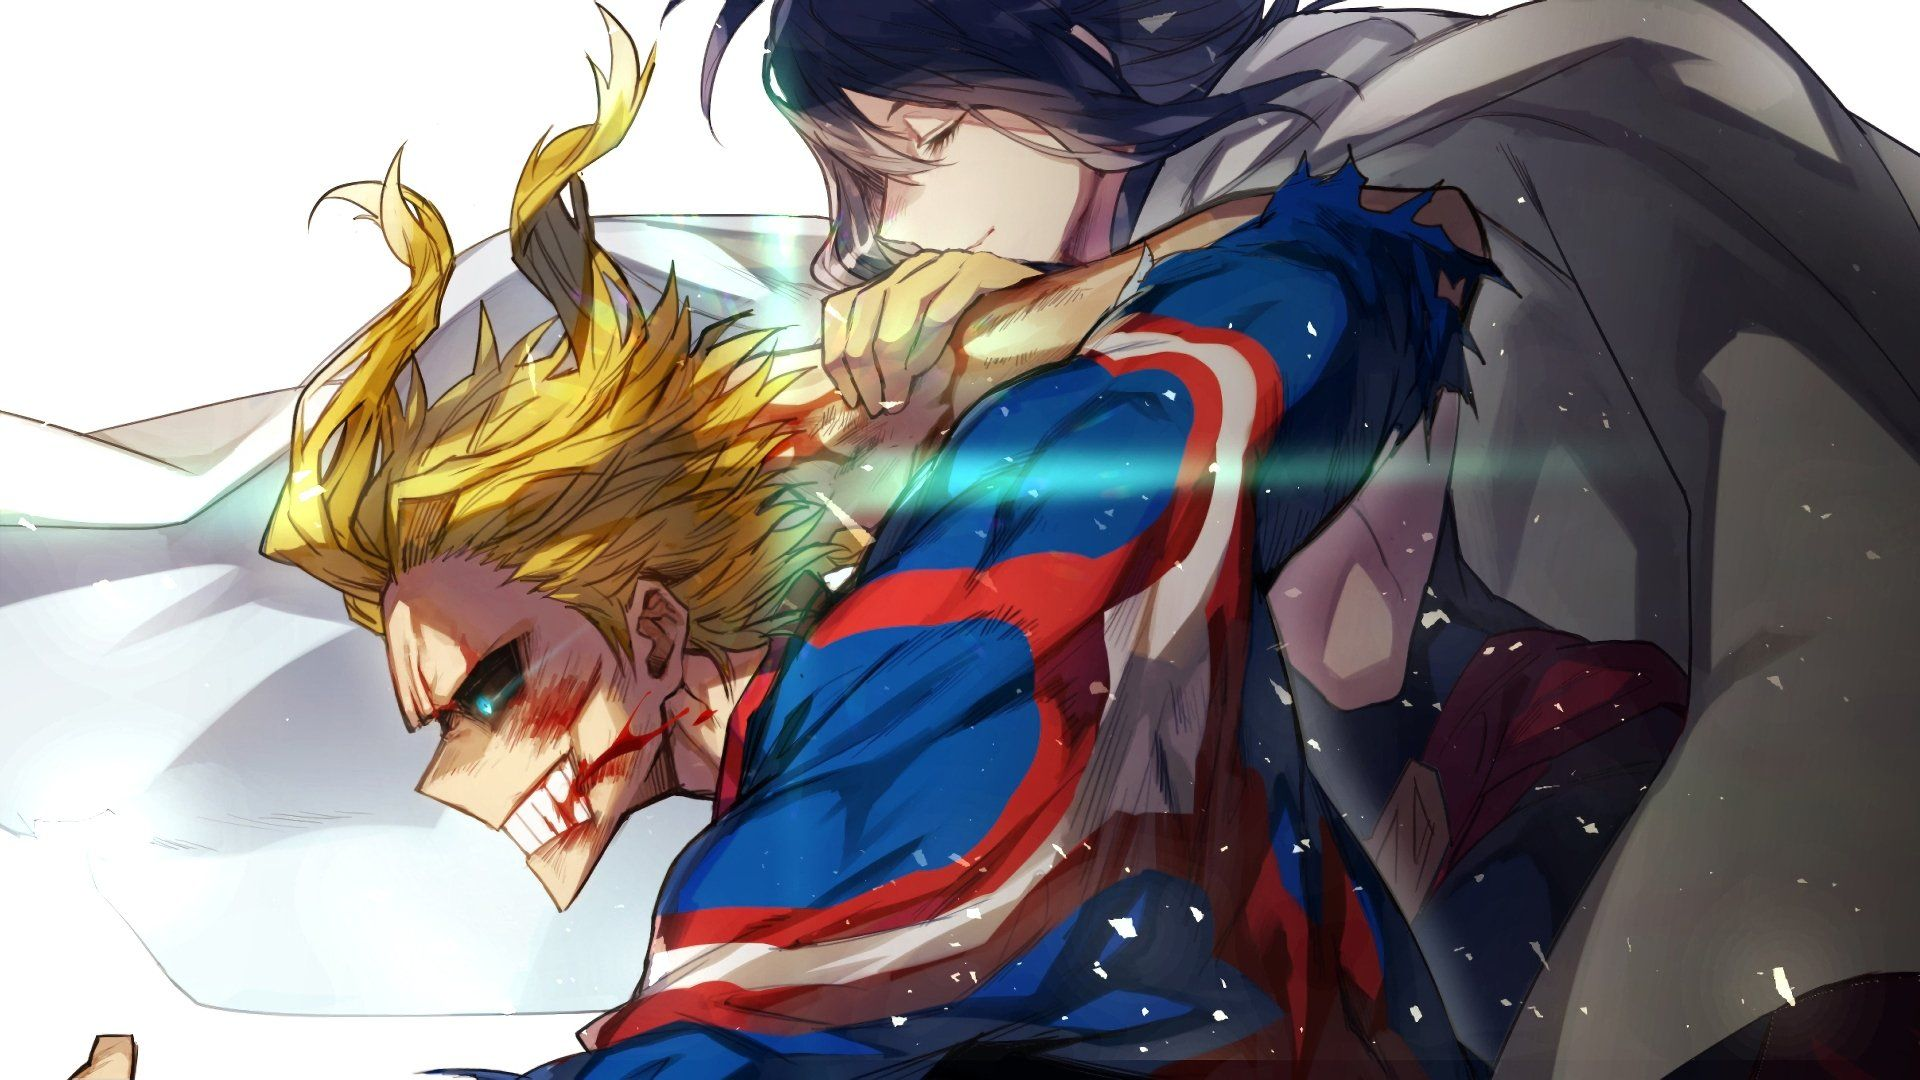 Anime My Hero Academia Nana Shimura All Might Wallpaper ...